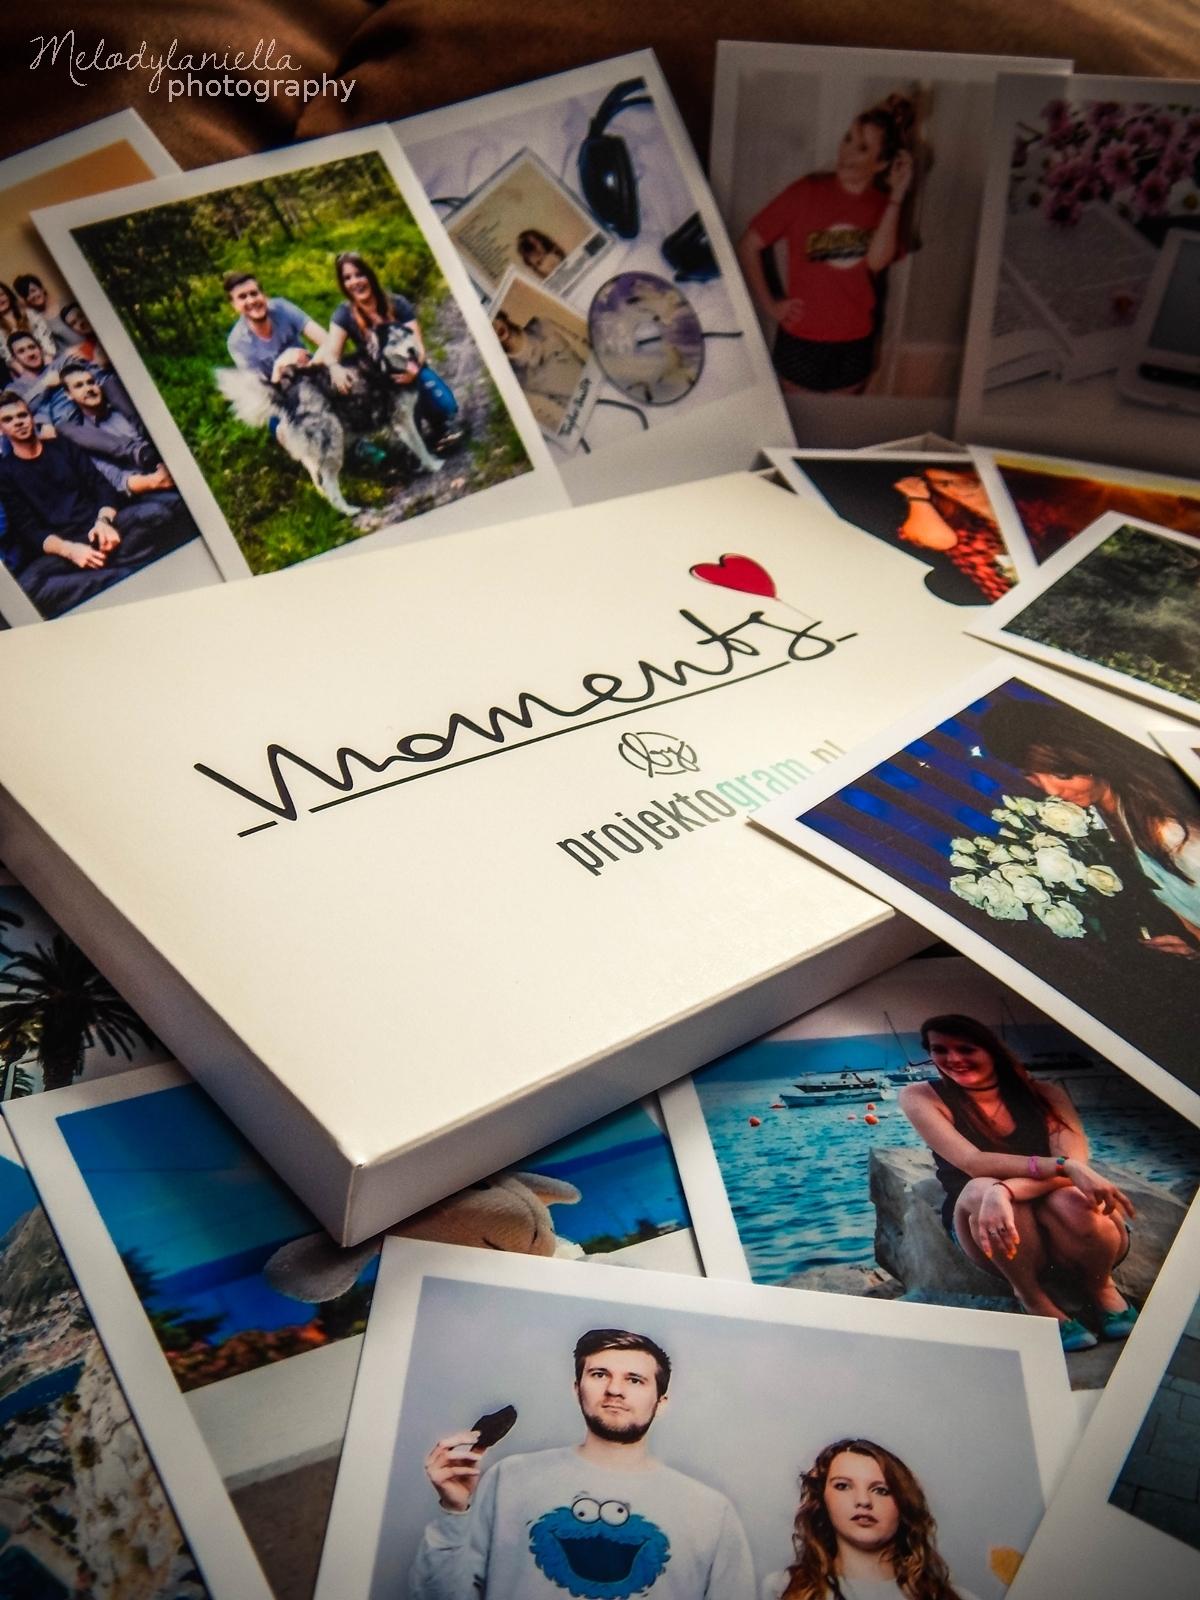 projektogram zdjecia polaroid polaroidy wywolane instagram kwadraty nietypowe wywolanie zdjec wspomnienia z wakacji prezent dla lubiacych zdjecia nowosc aplikacja fotki